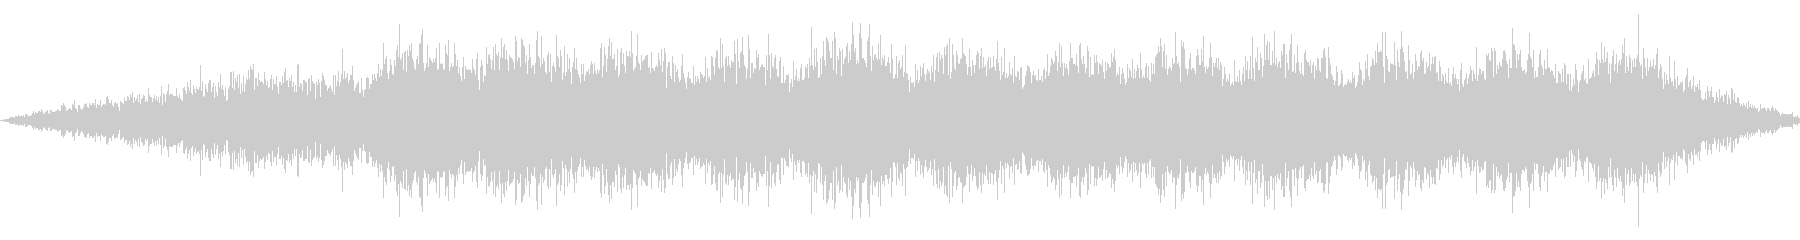 オイオイ!歓声,応援の効果音02の未再生の波形